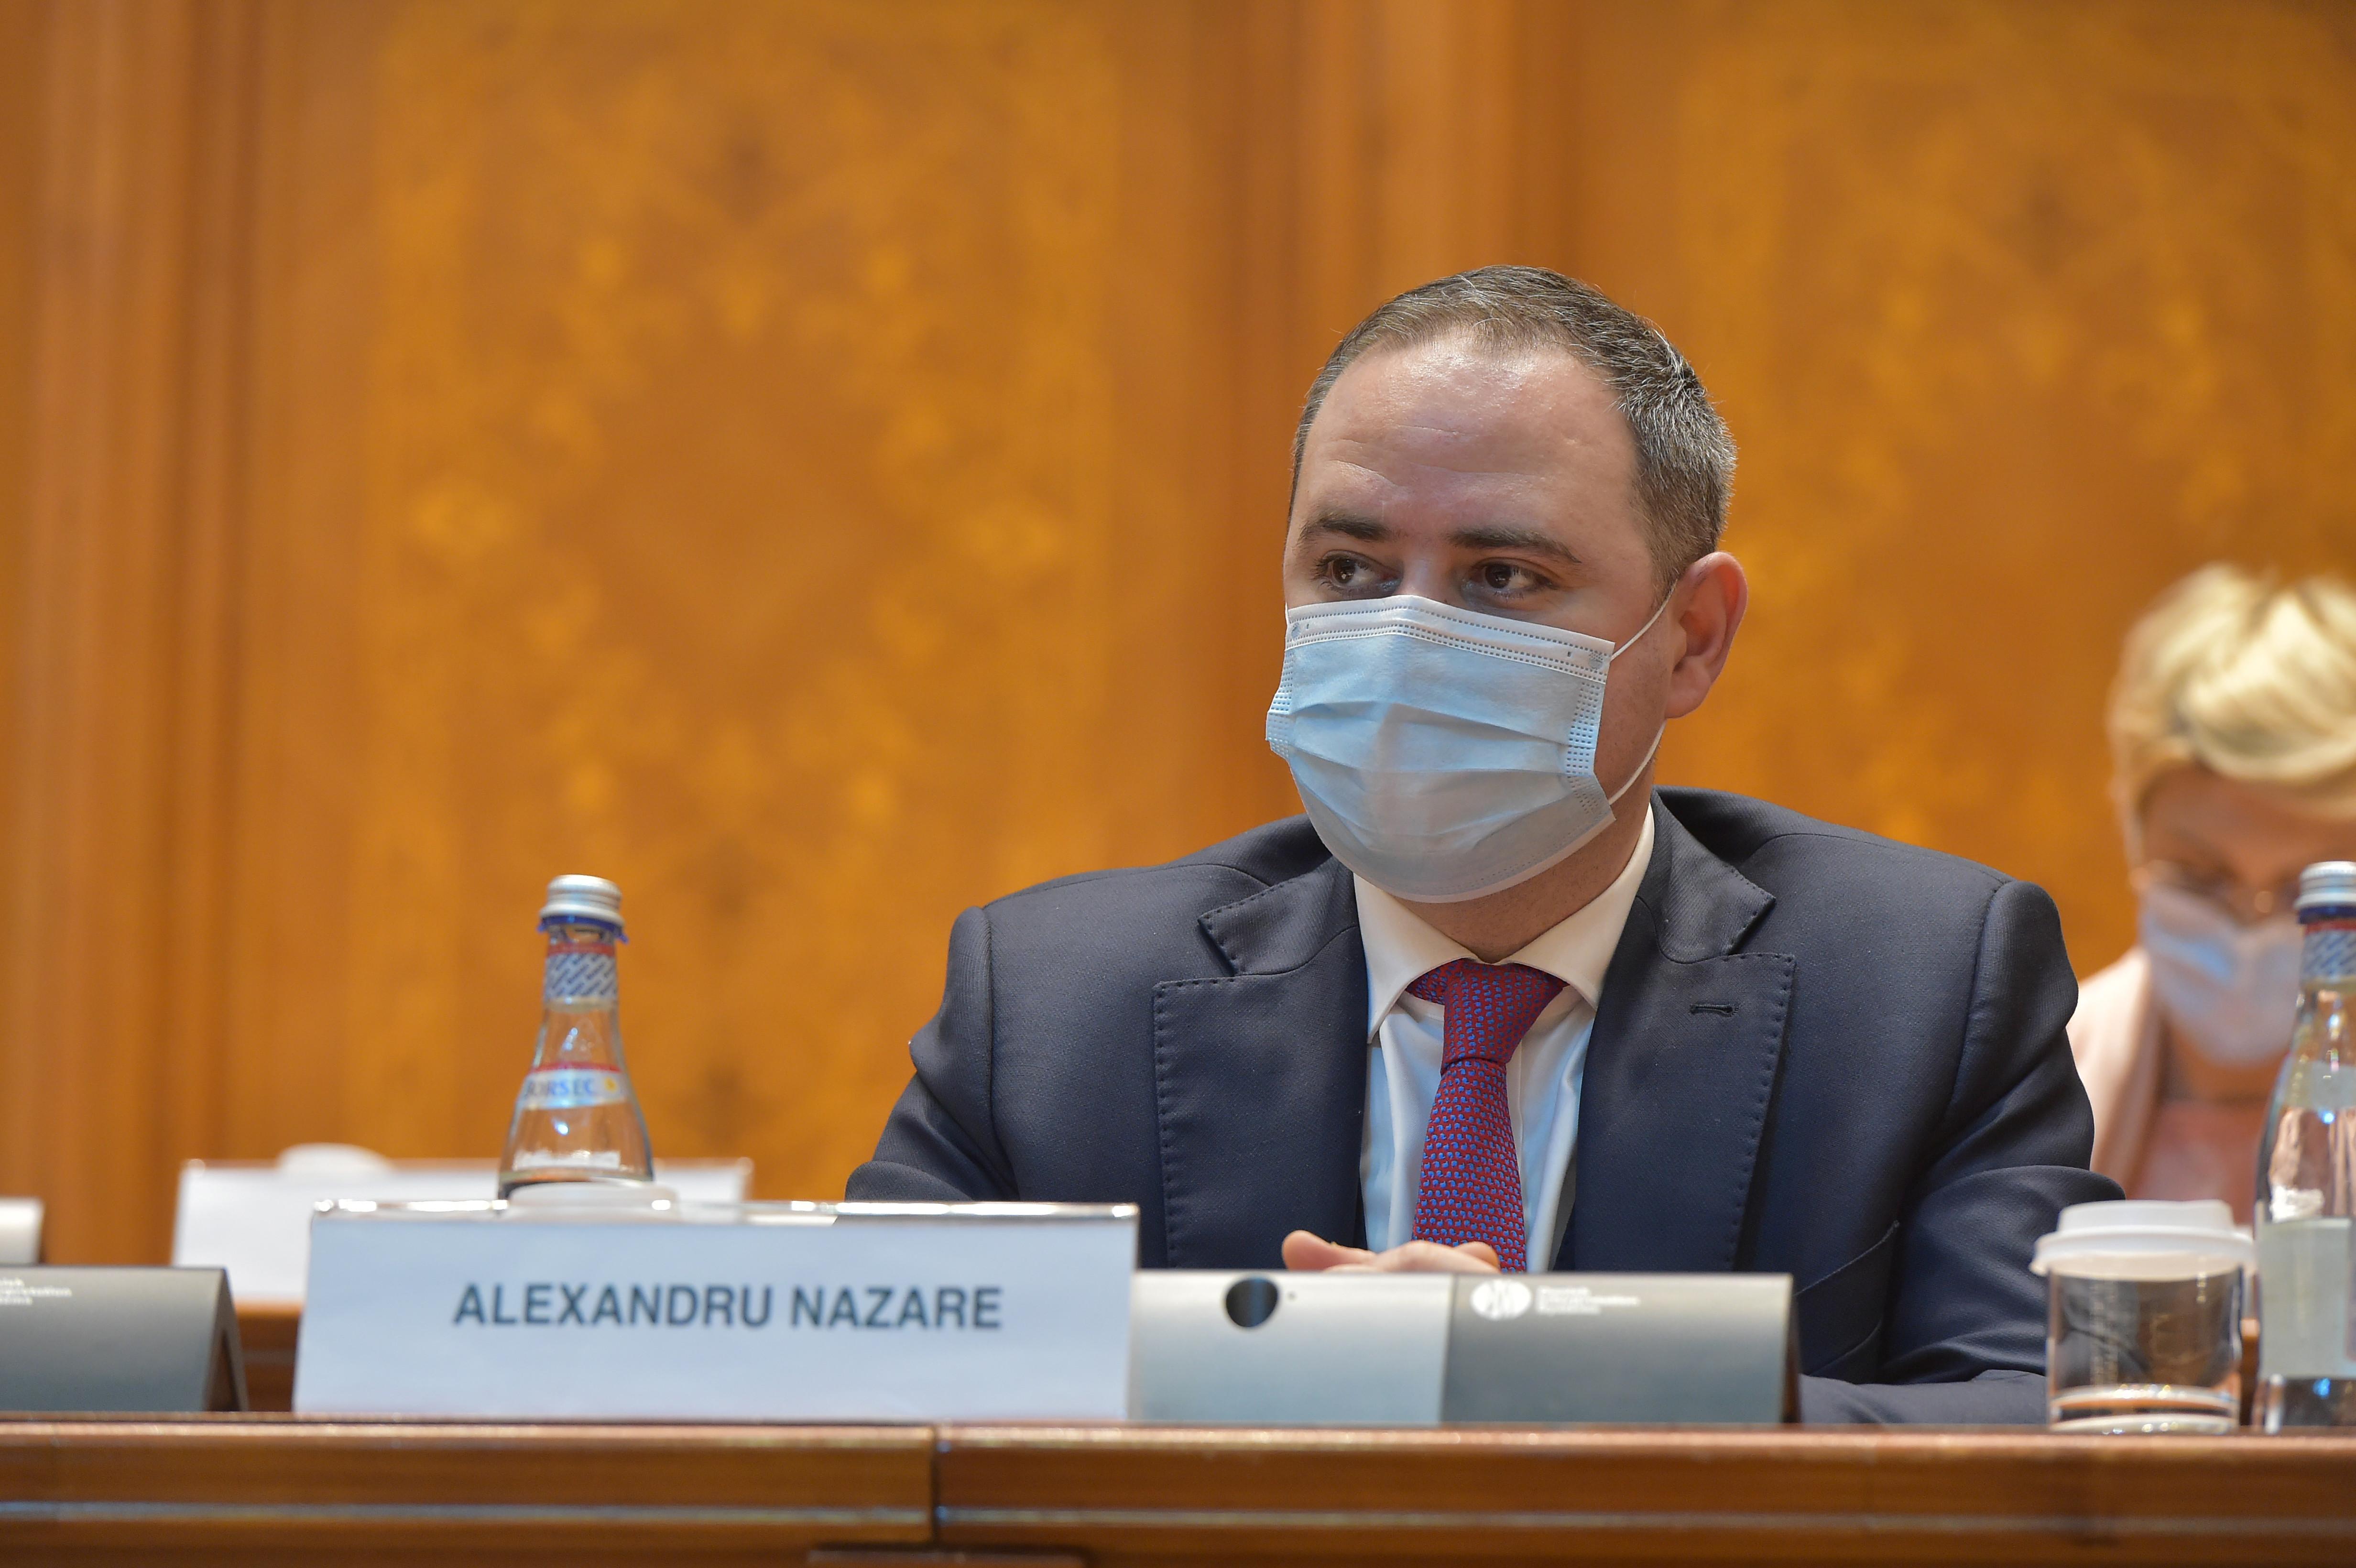 """Alexandru Nazare, după revocare: """"I-am spus prim-ministrului că nu am motive întemeiate să îmi înaintez o demisie"""""""